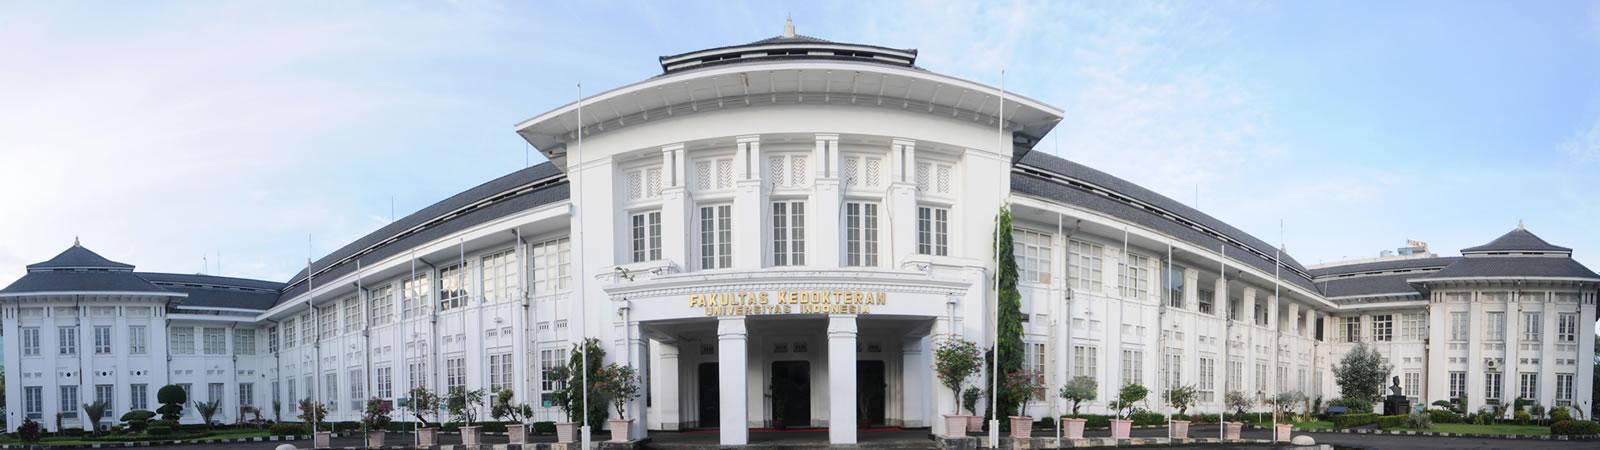 Biaya Kuliah Fakultas Kedokteran UI 2017/2018